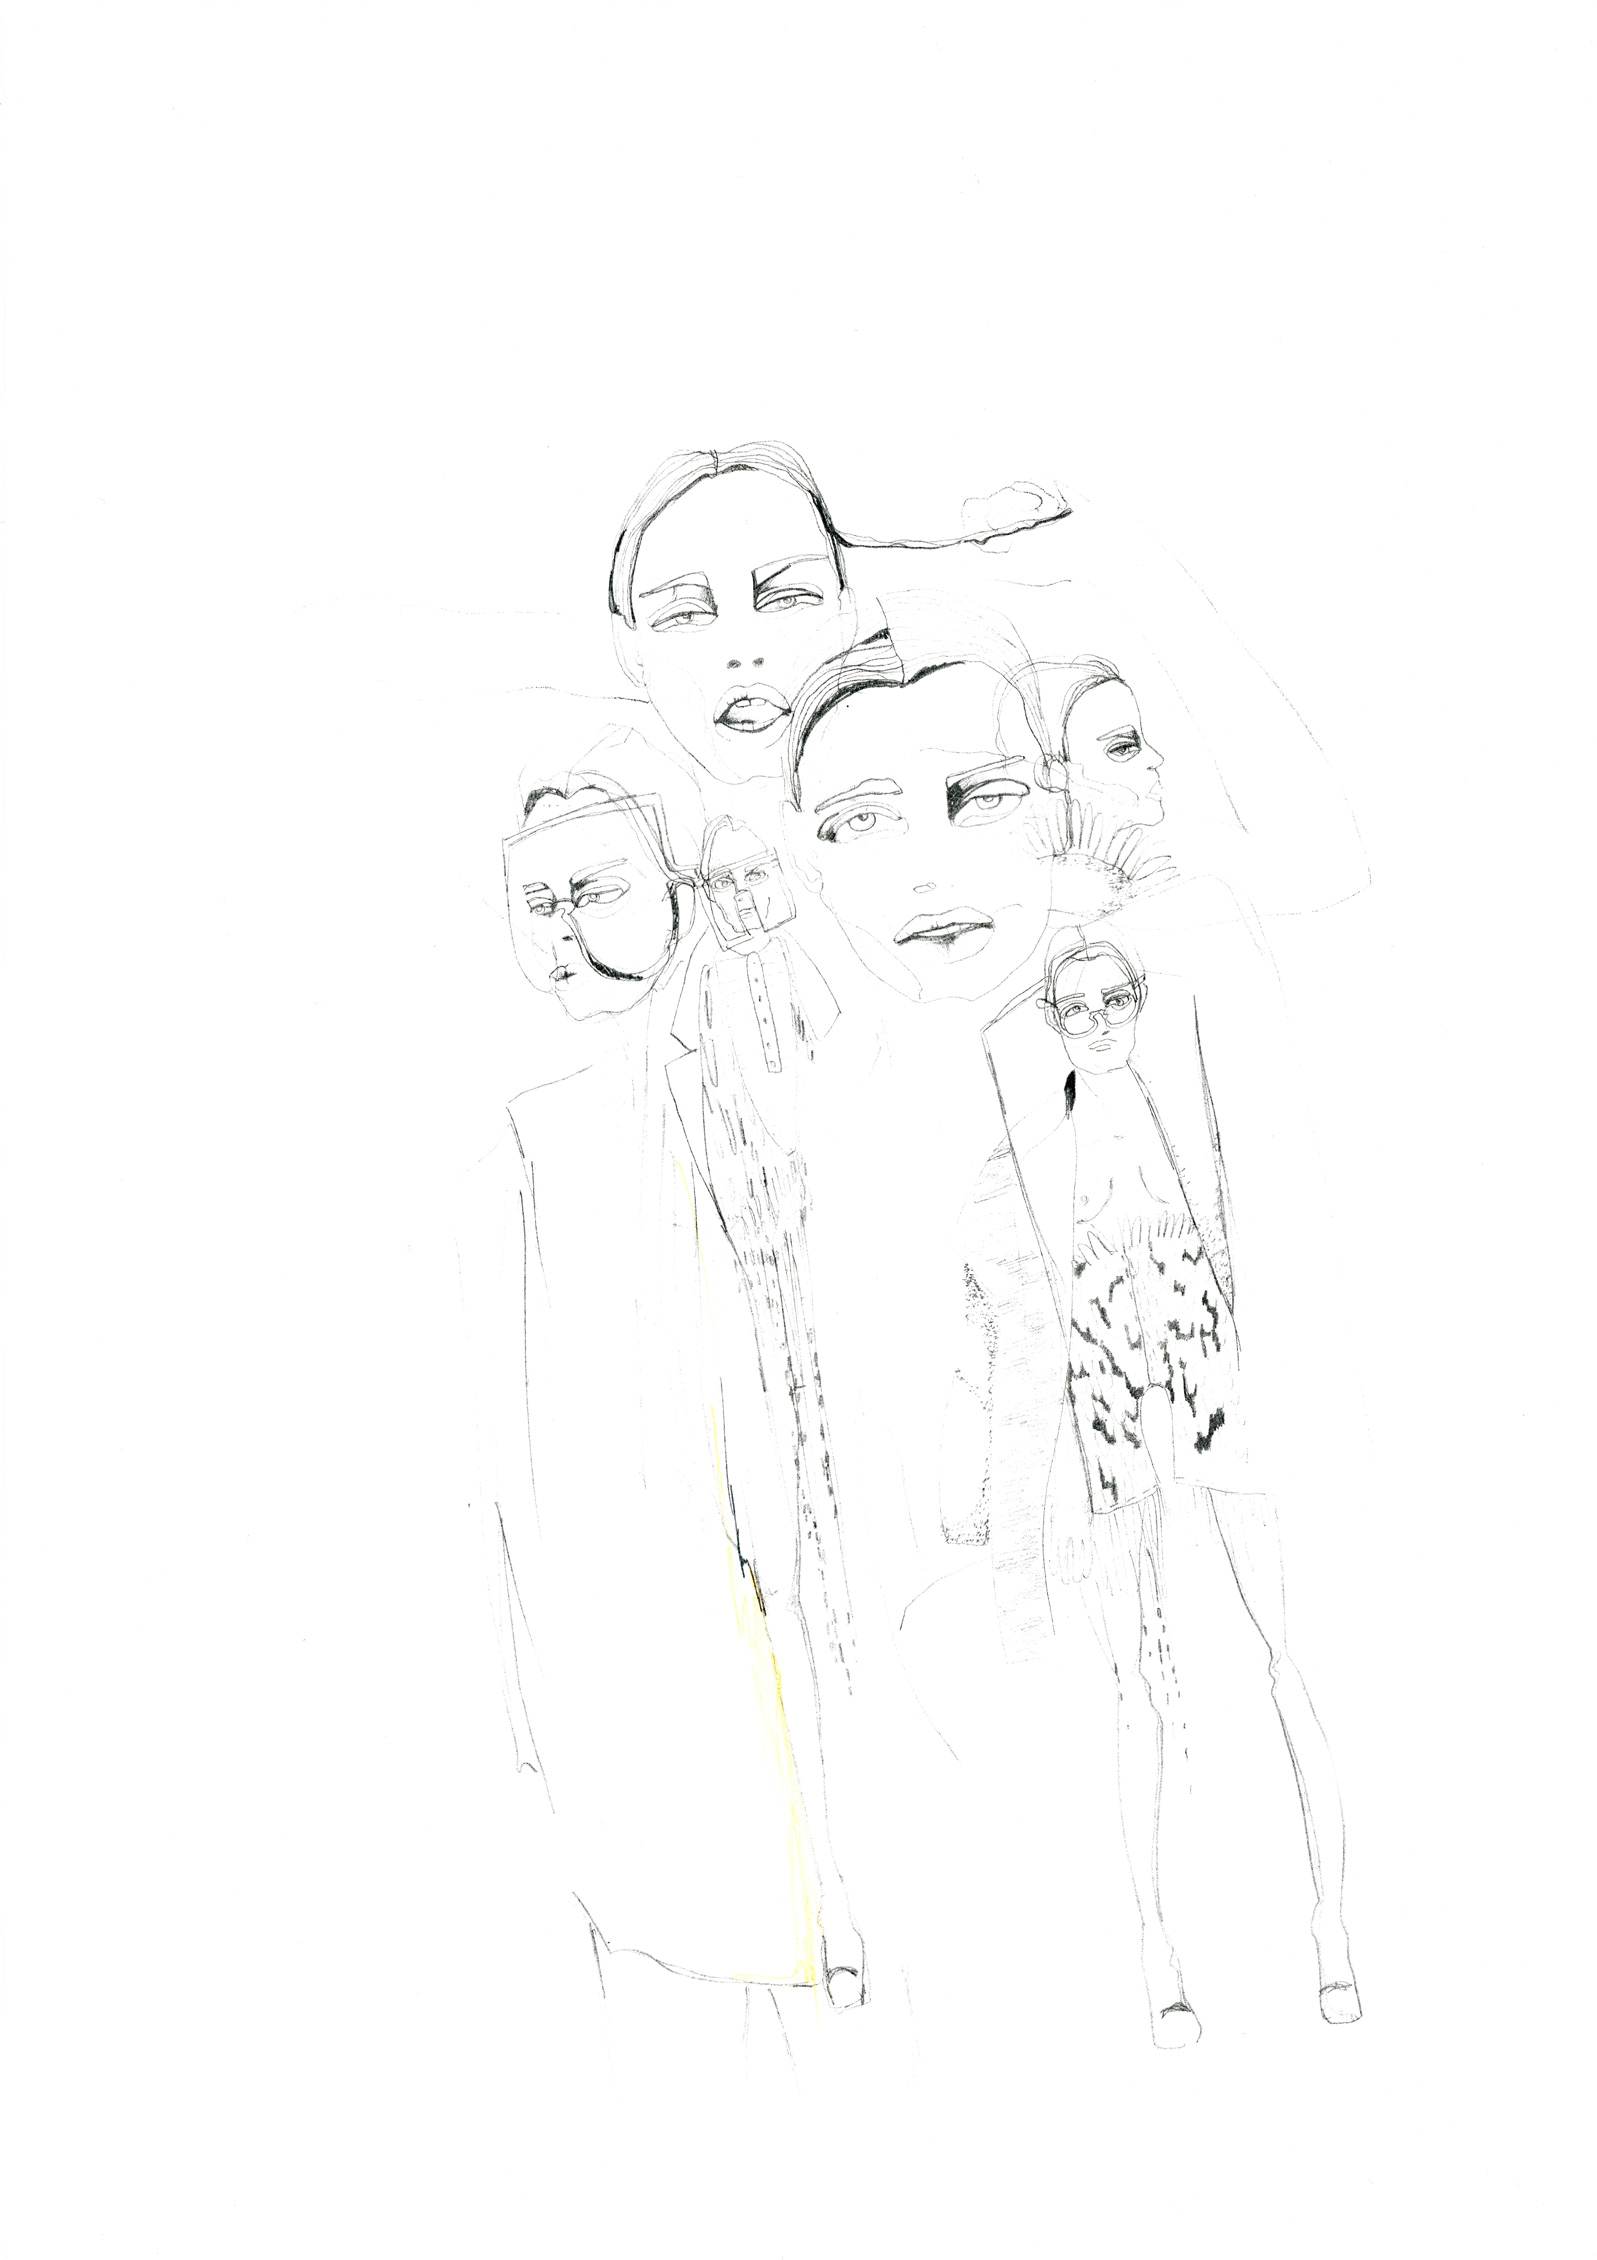 fine line pen on paper illustration